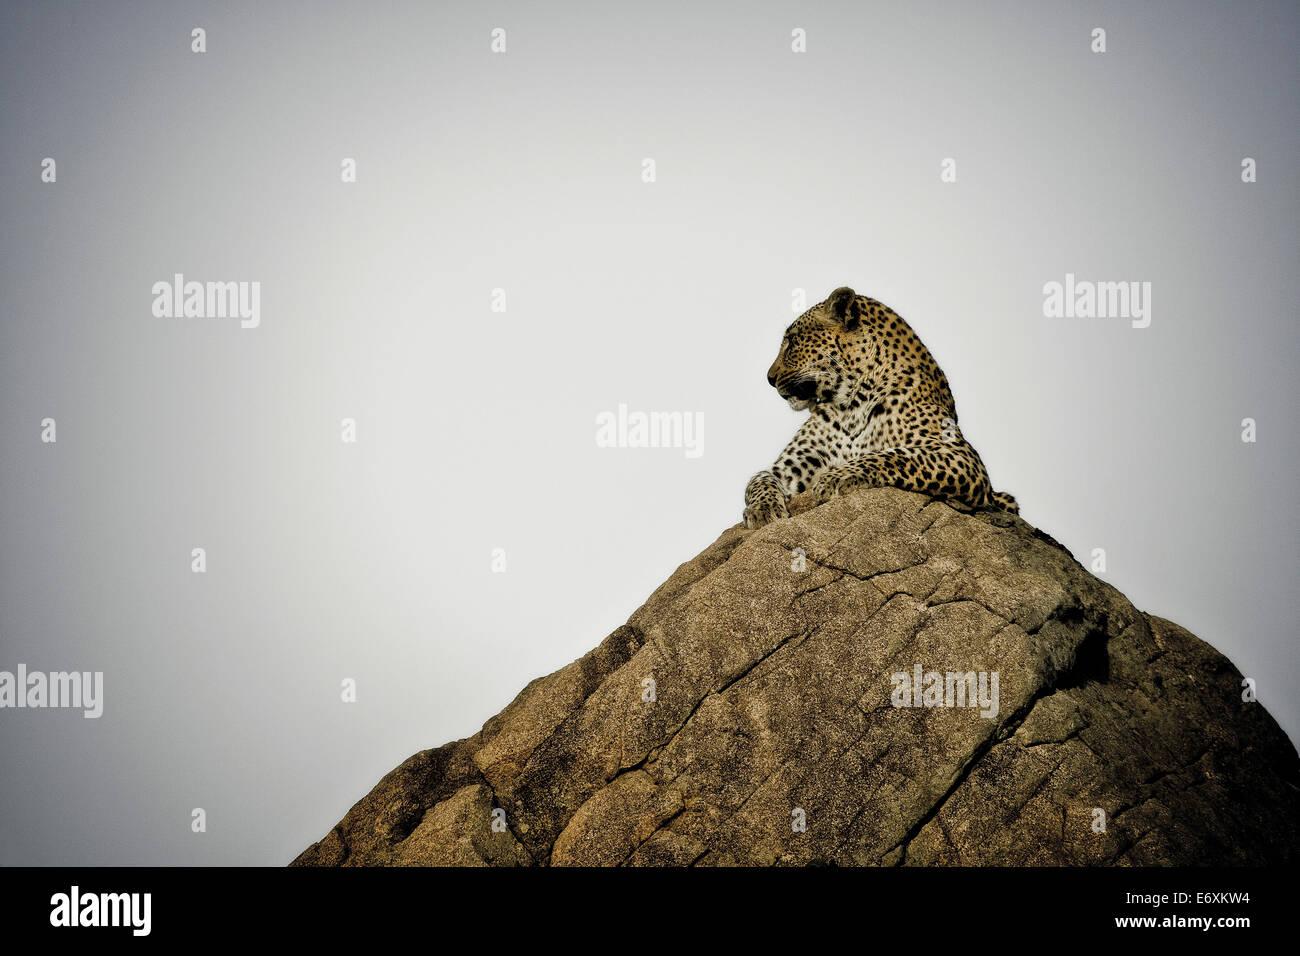 Leopard, liegend auf einem Felsen, Sabi Sands Game Reserve, Südafrika, Afrika Stockfoto